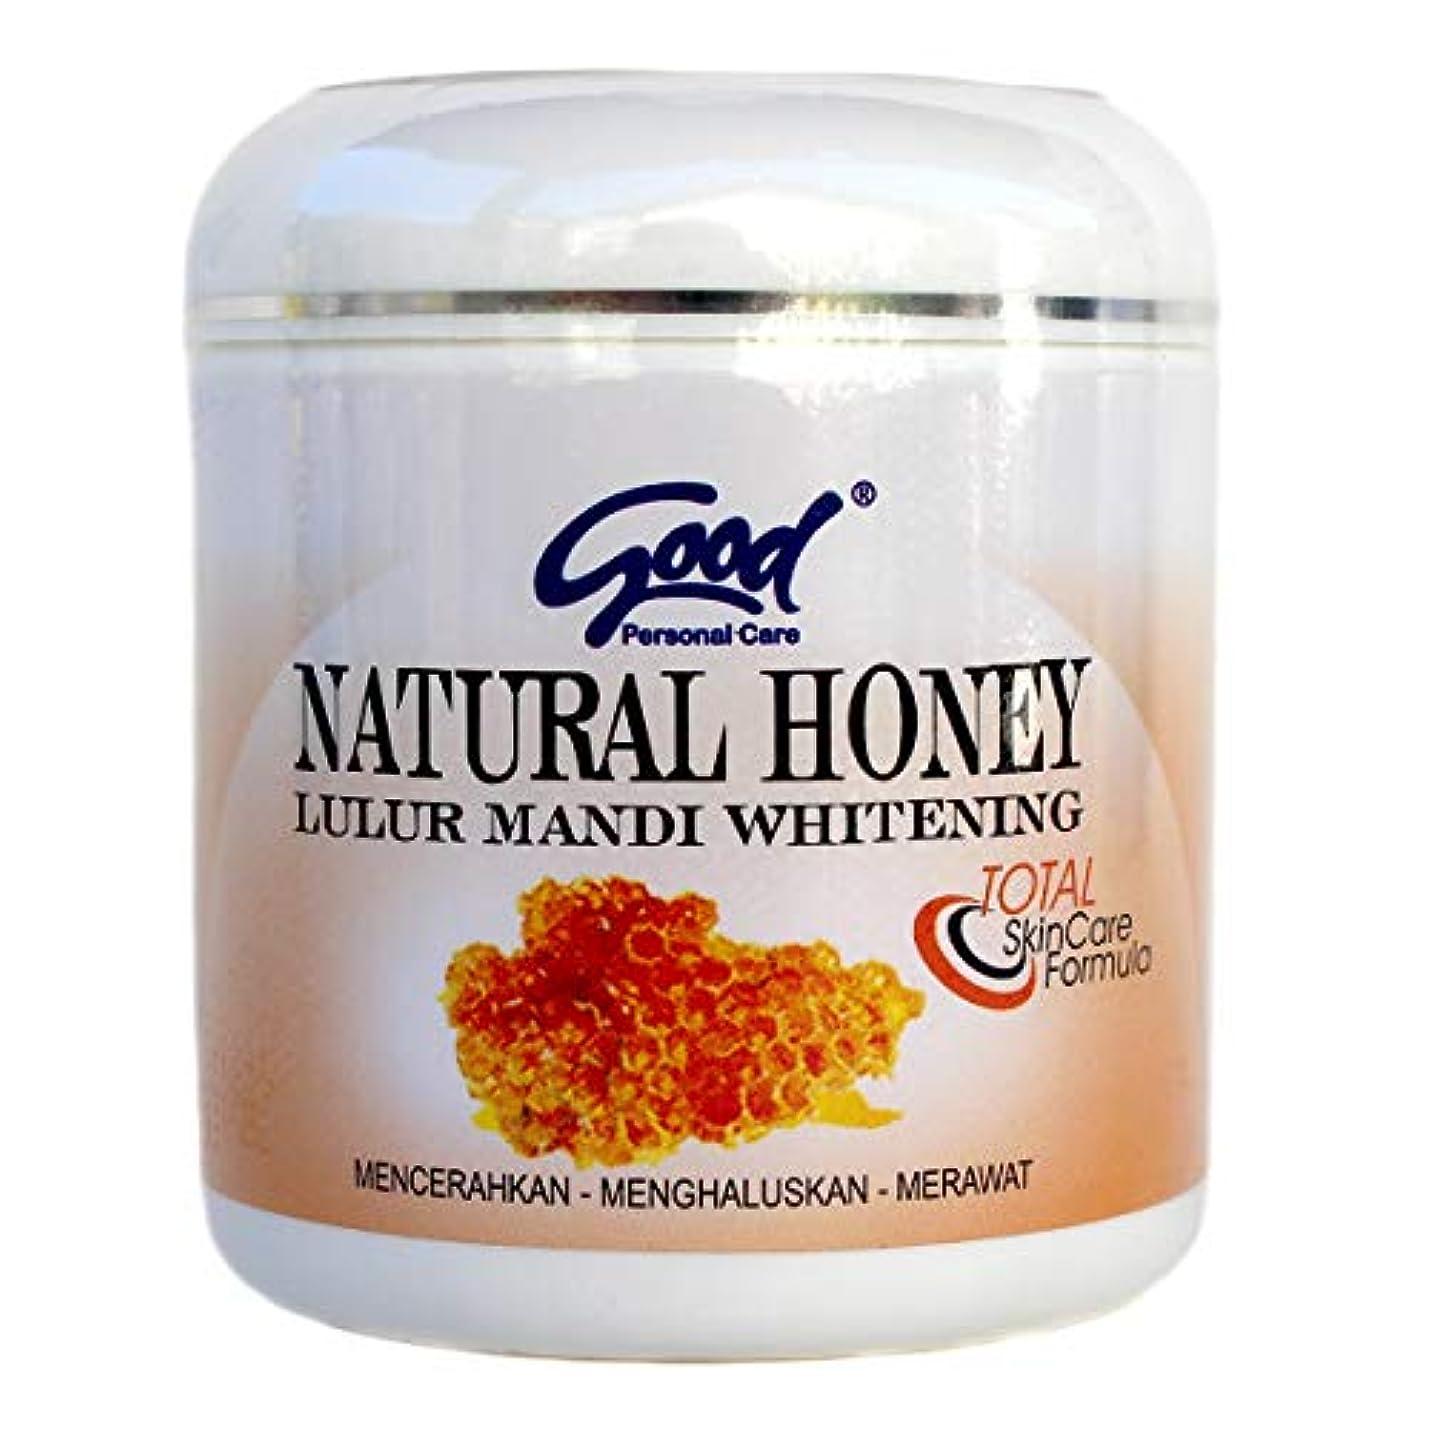 平らな哀マナーgood グッド インドネシアバリ島の伝統的なボディスクラブ Lulur Mandi マンディルルール 200g Natural Honey ナチュラルハニー [海外直送品]